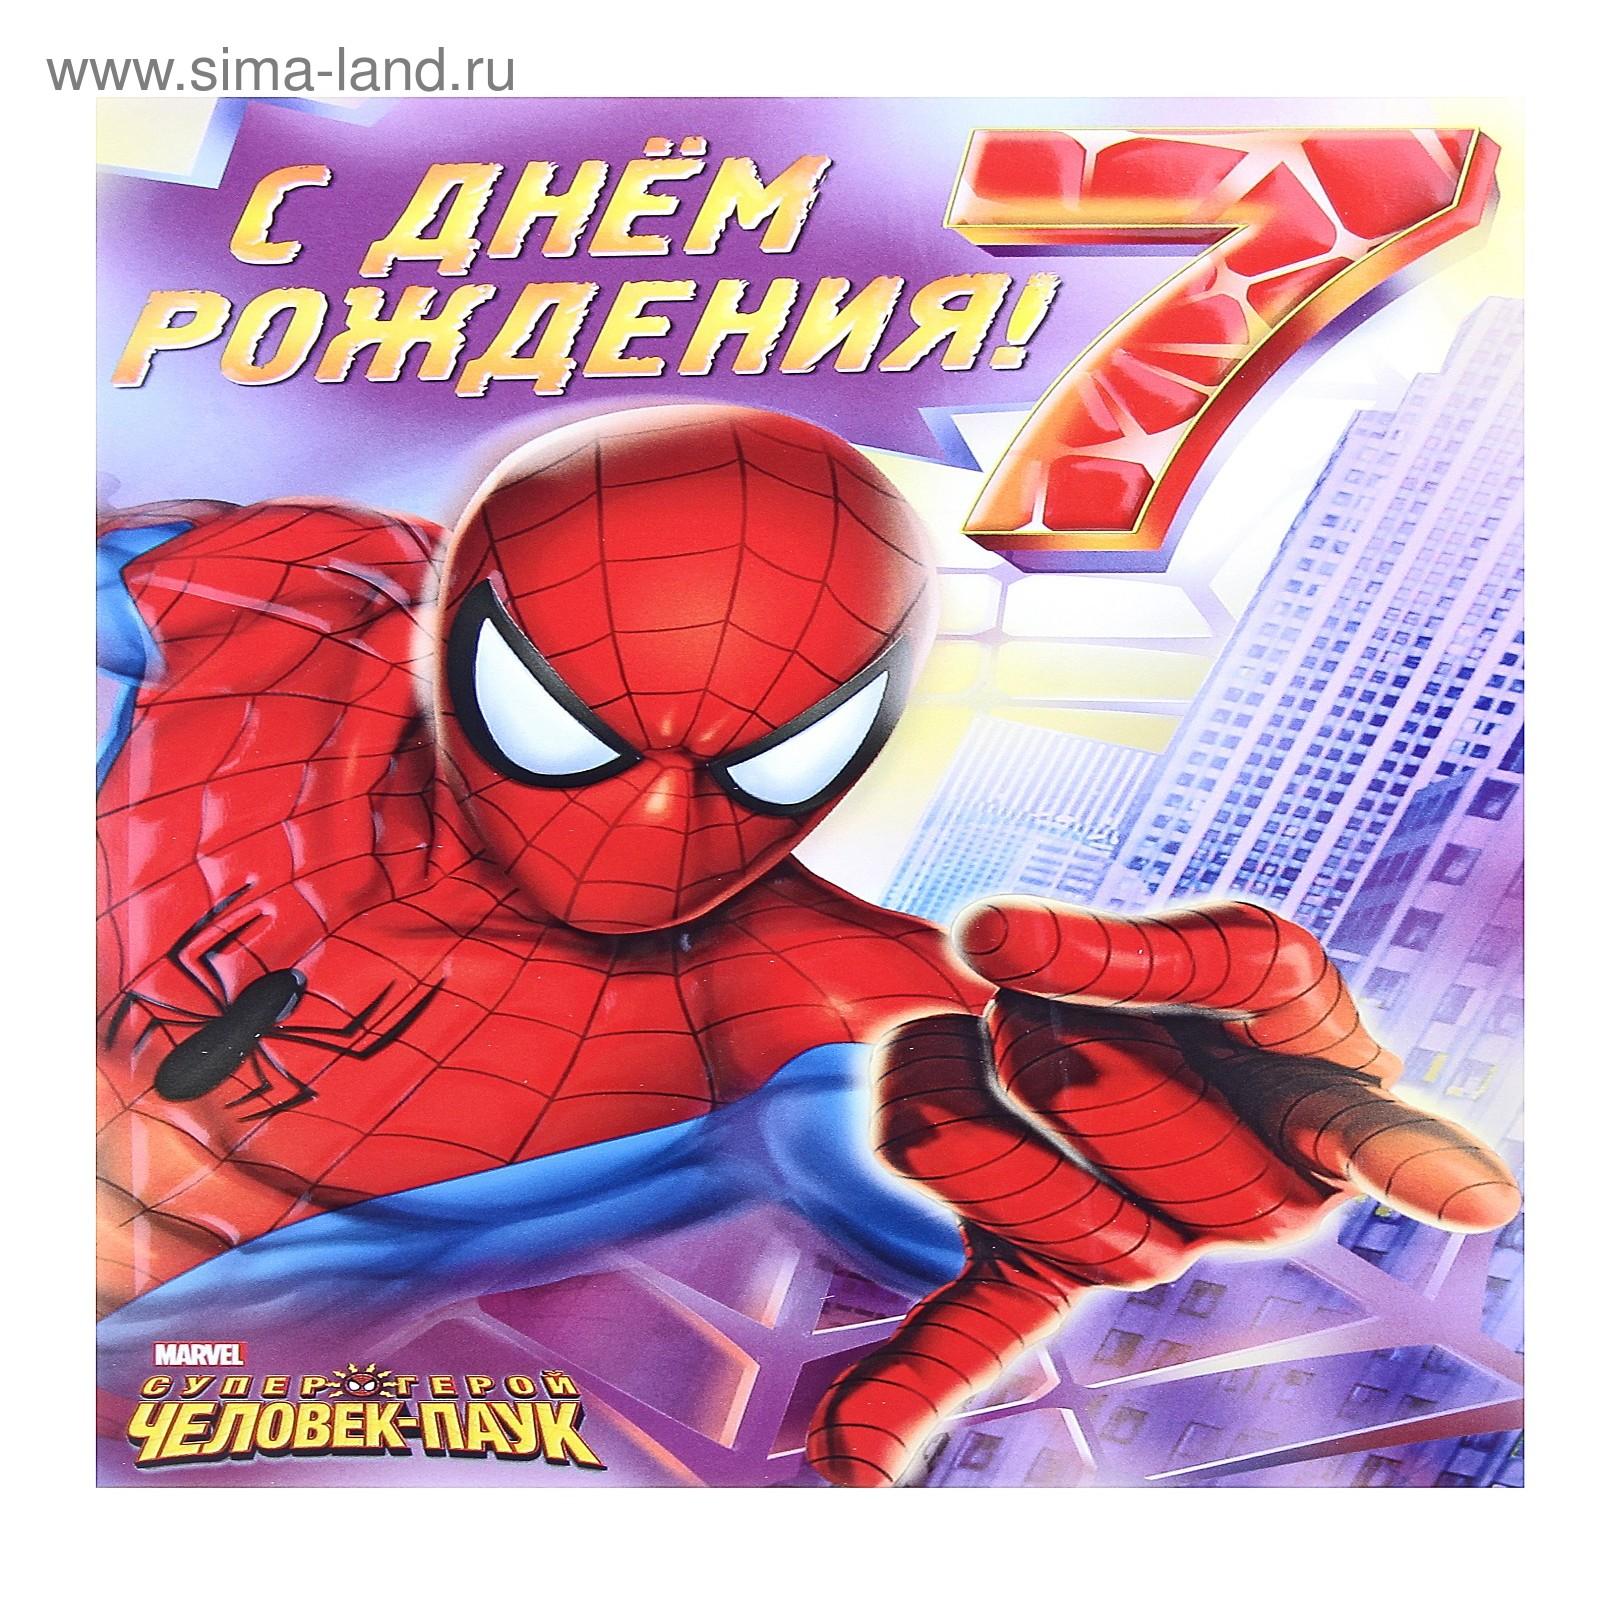 Видеопоздравление от Человека-Паука